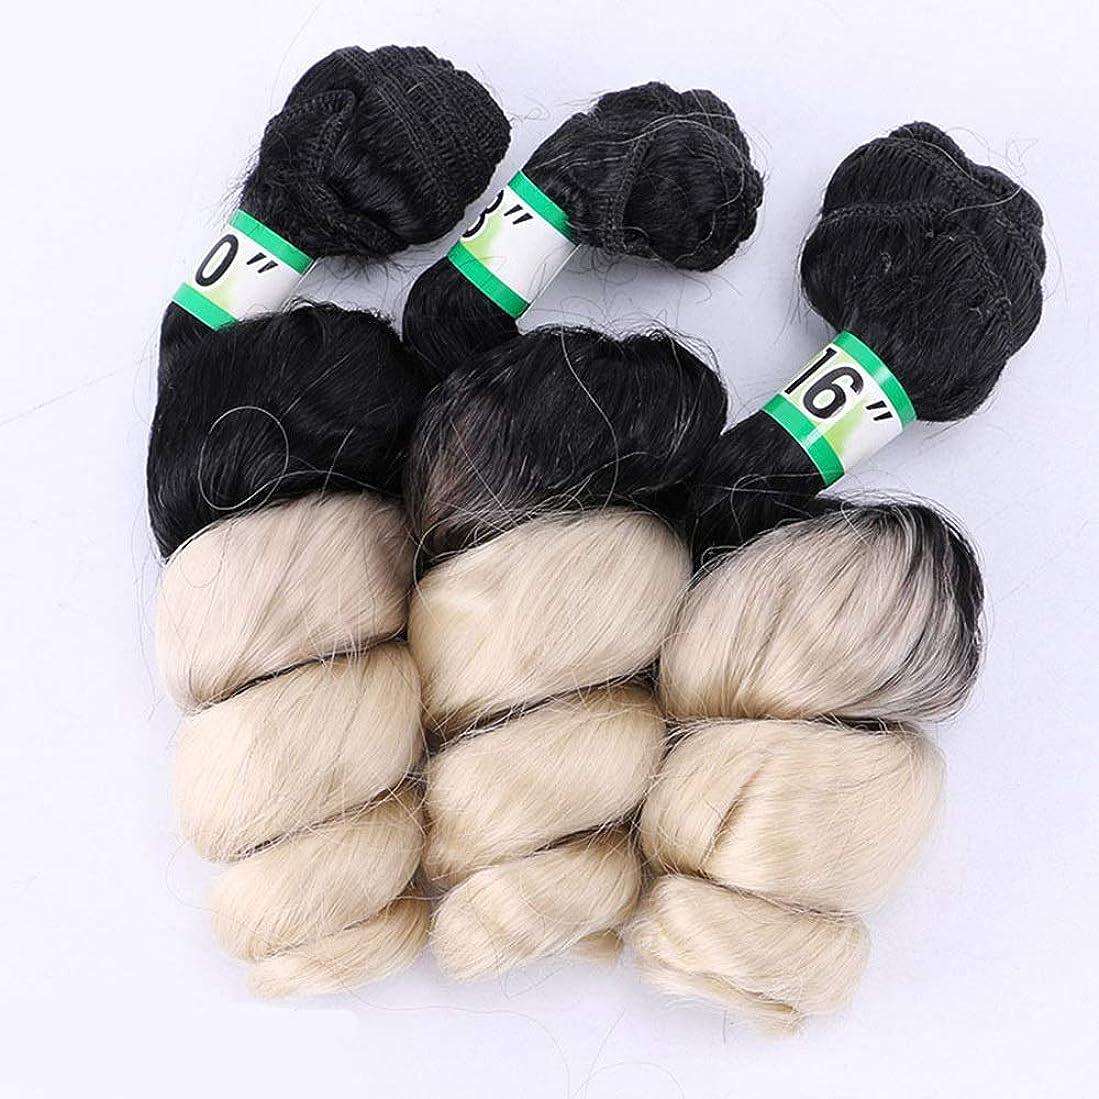 ファウル浴室前奏曲Yrattary ブラジルの髪織りルースウェーブ3バンドルヘアエクステンション - T1 / 613#ブロンドヘアスタイリング(16